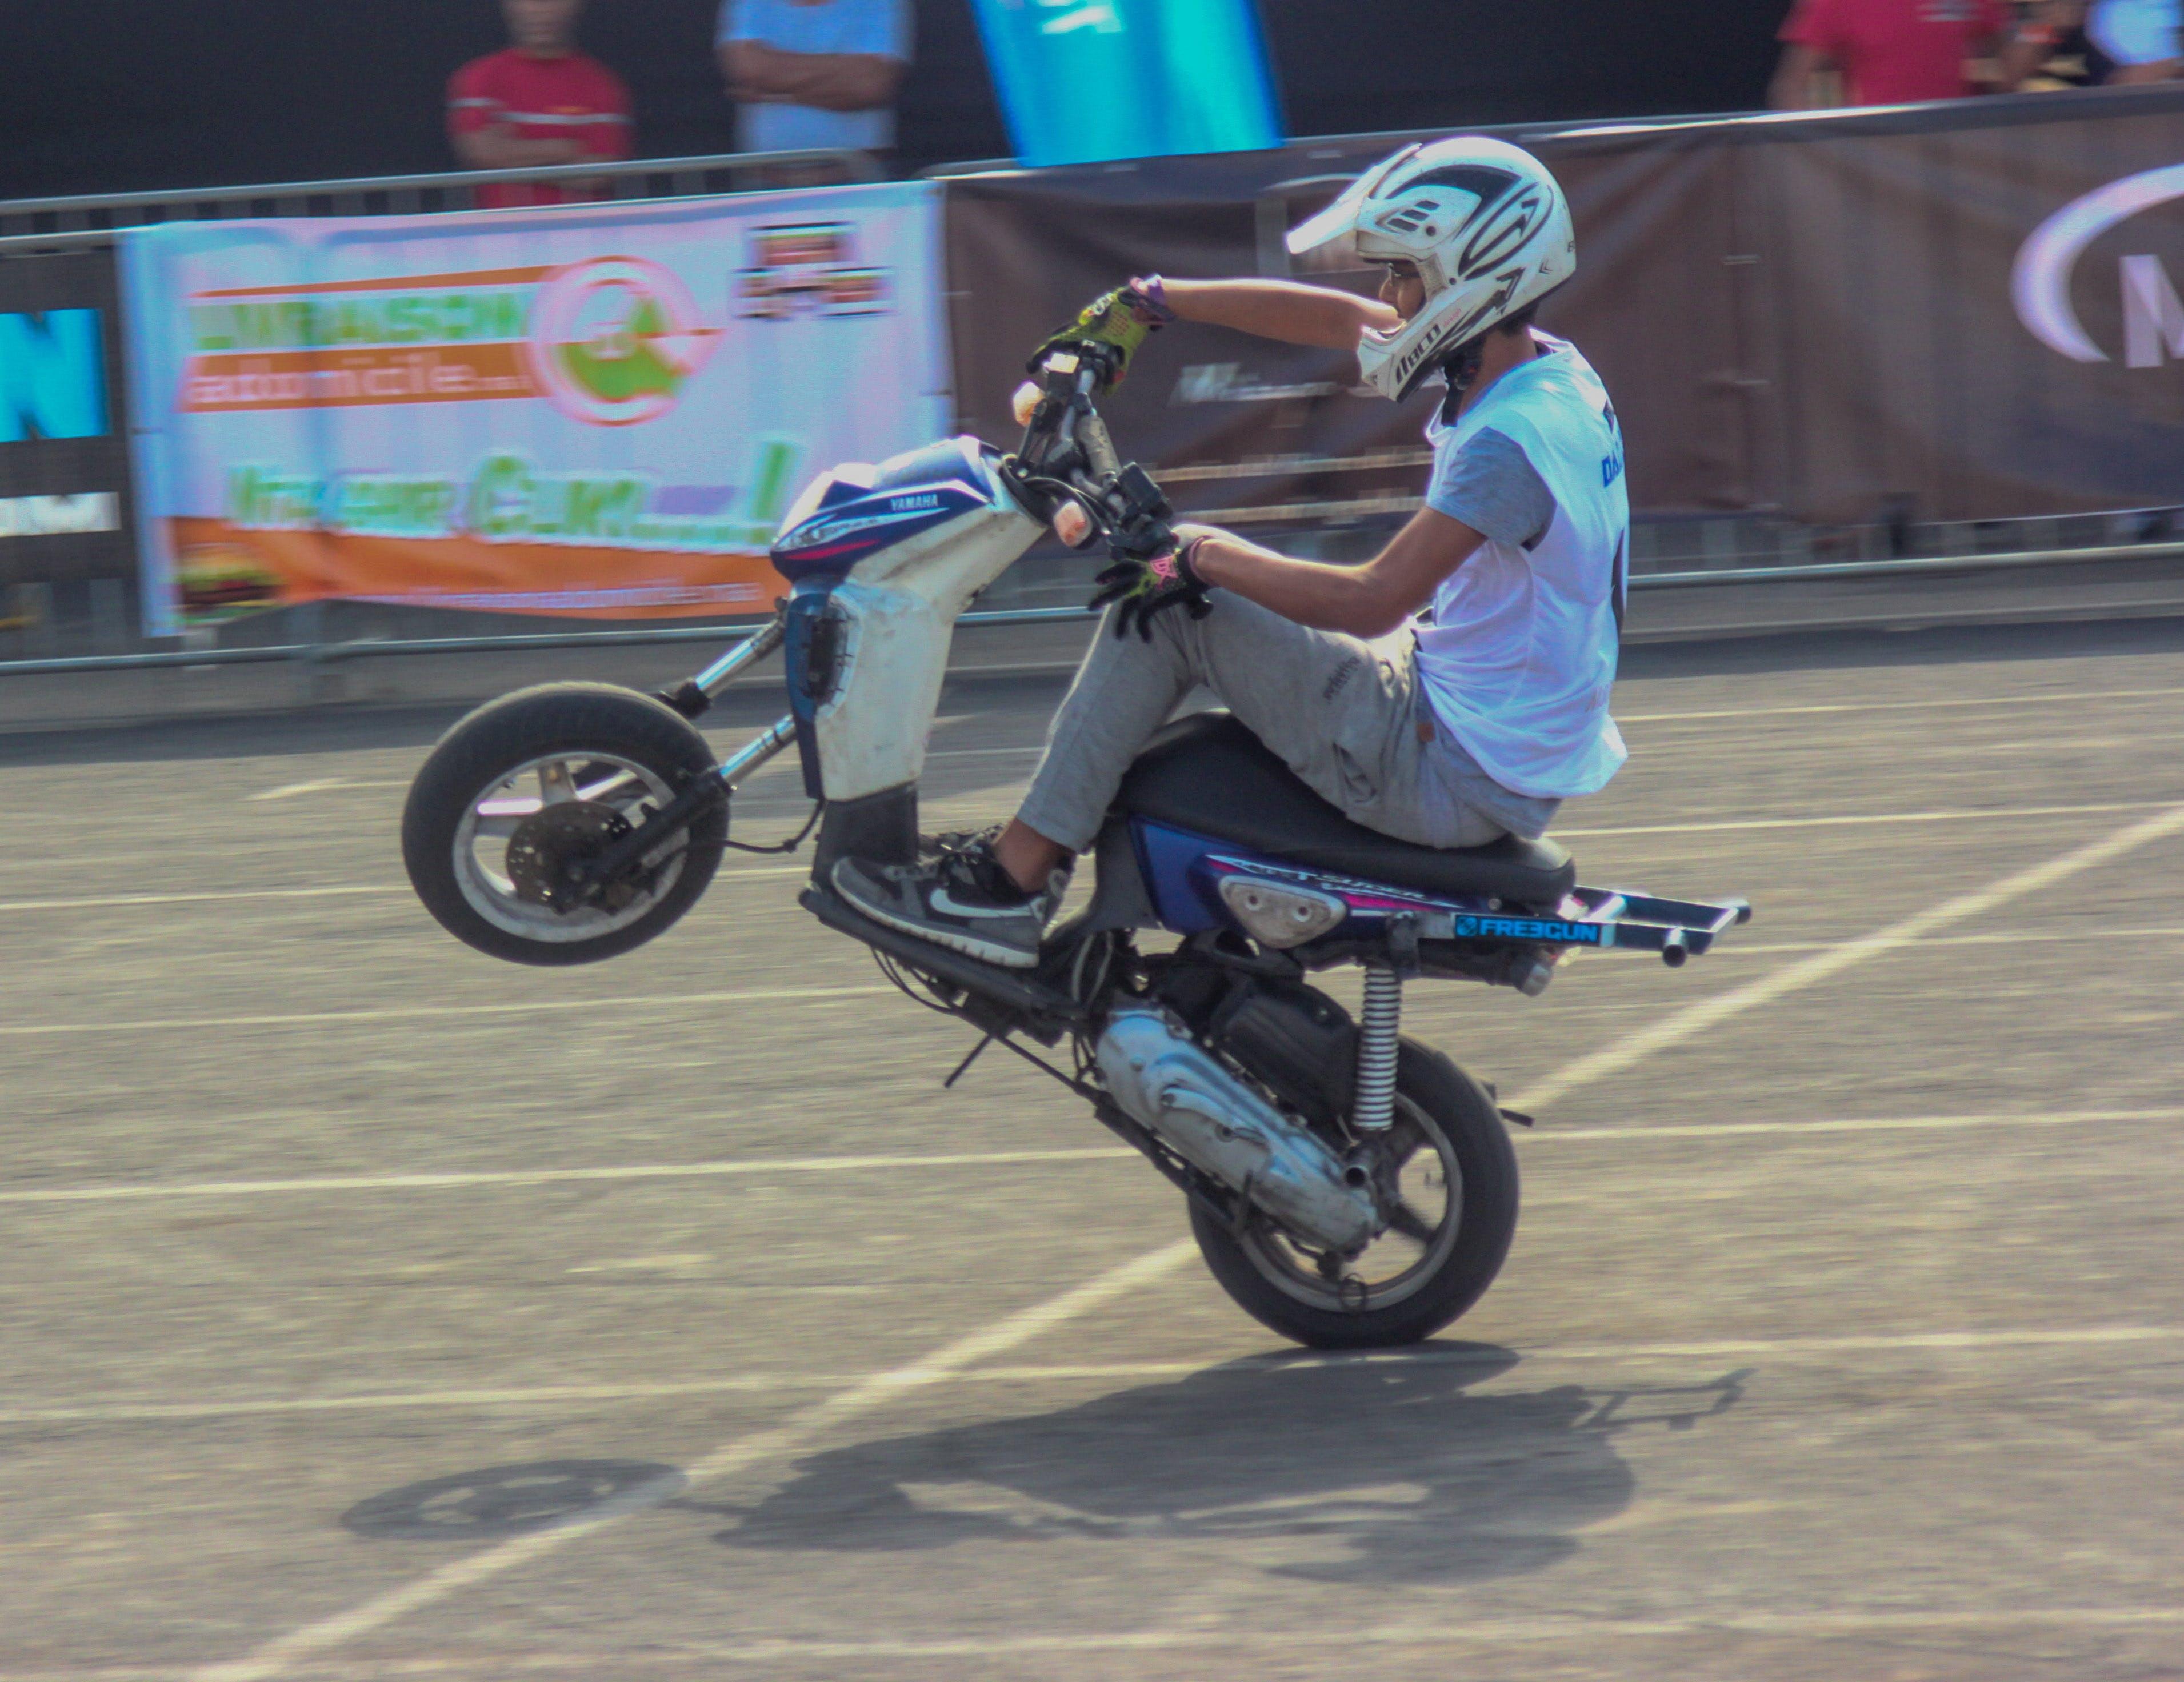 Free stock photo of Stunt Slider